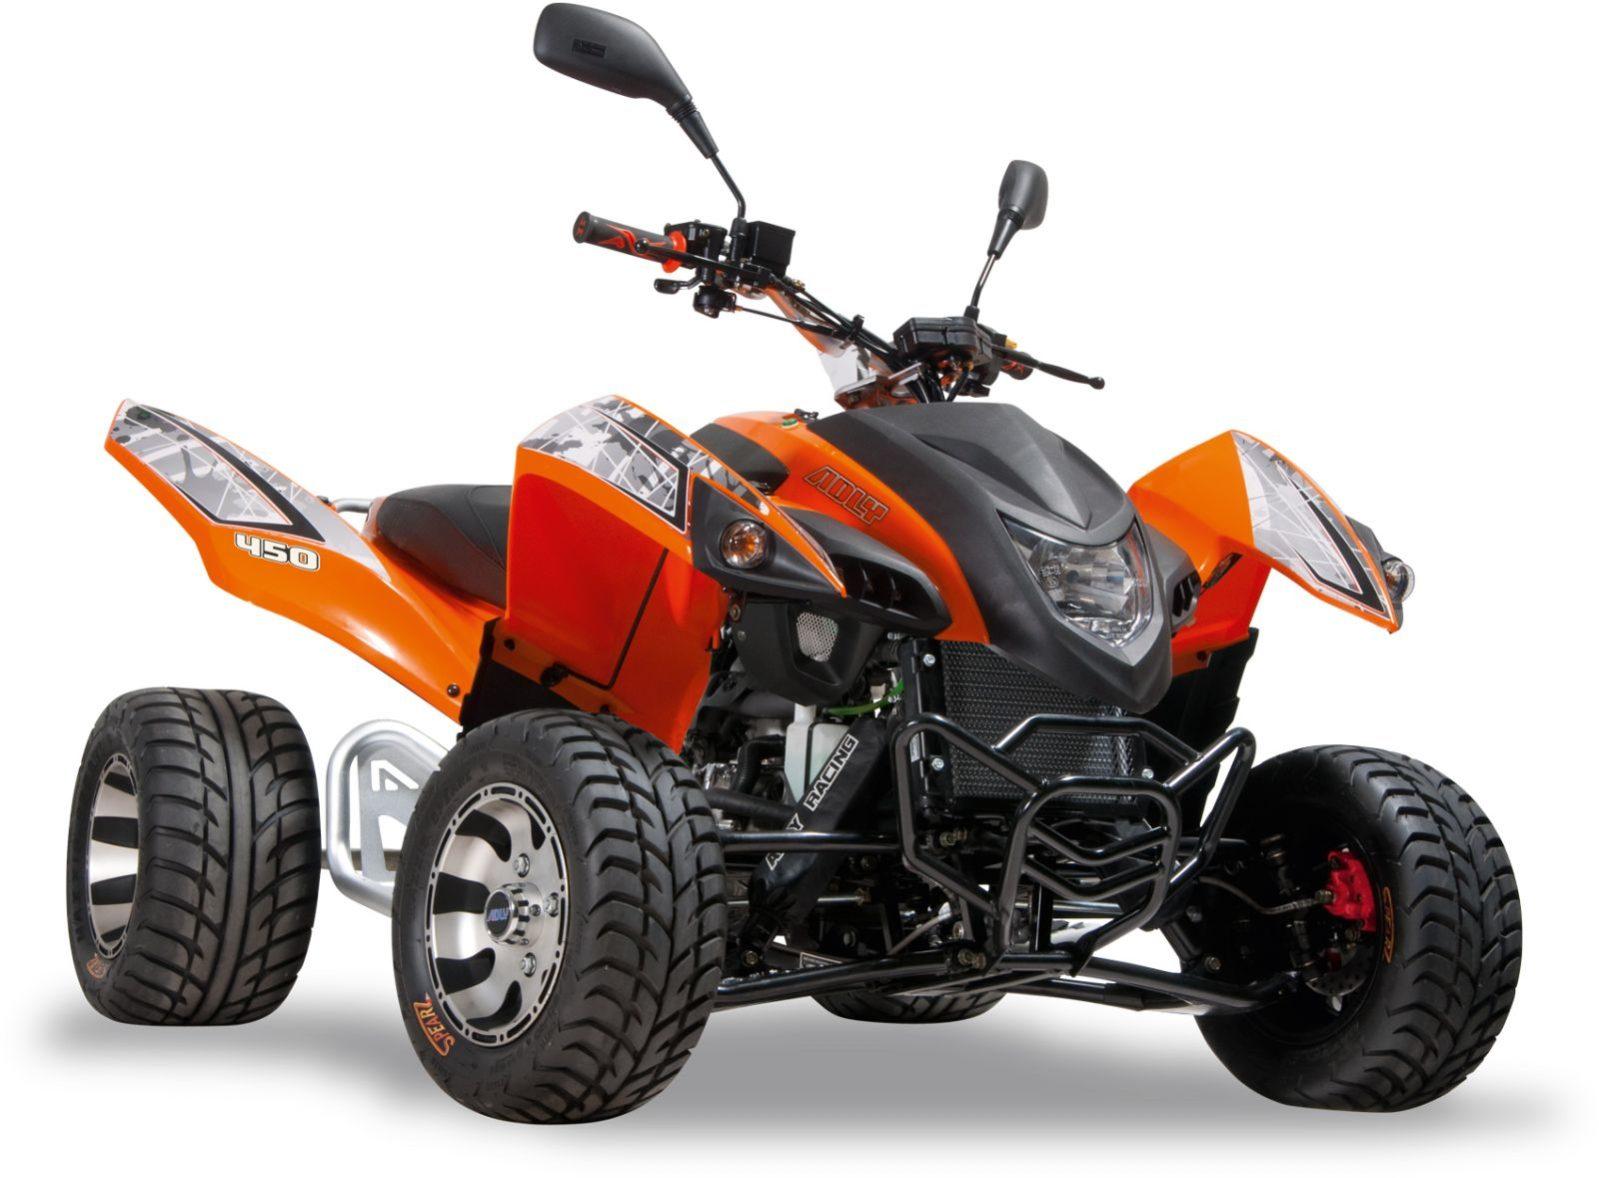 adly hurricane 450 supermoto jetzt bei bike tech lohmann kaufen